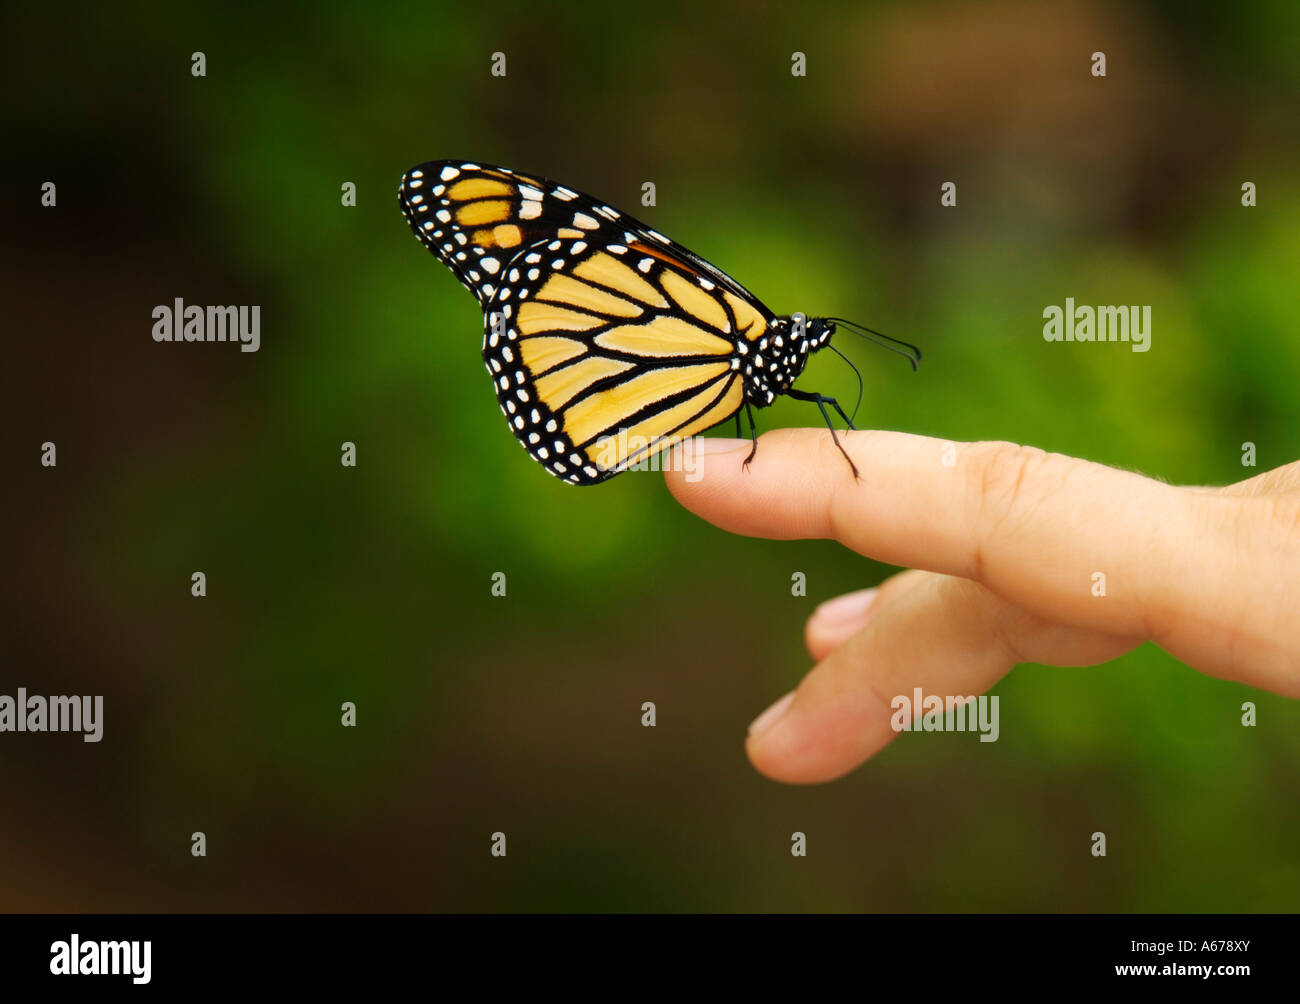 Mariposa Monarca en mano de mujer Foto de stock